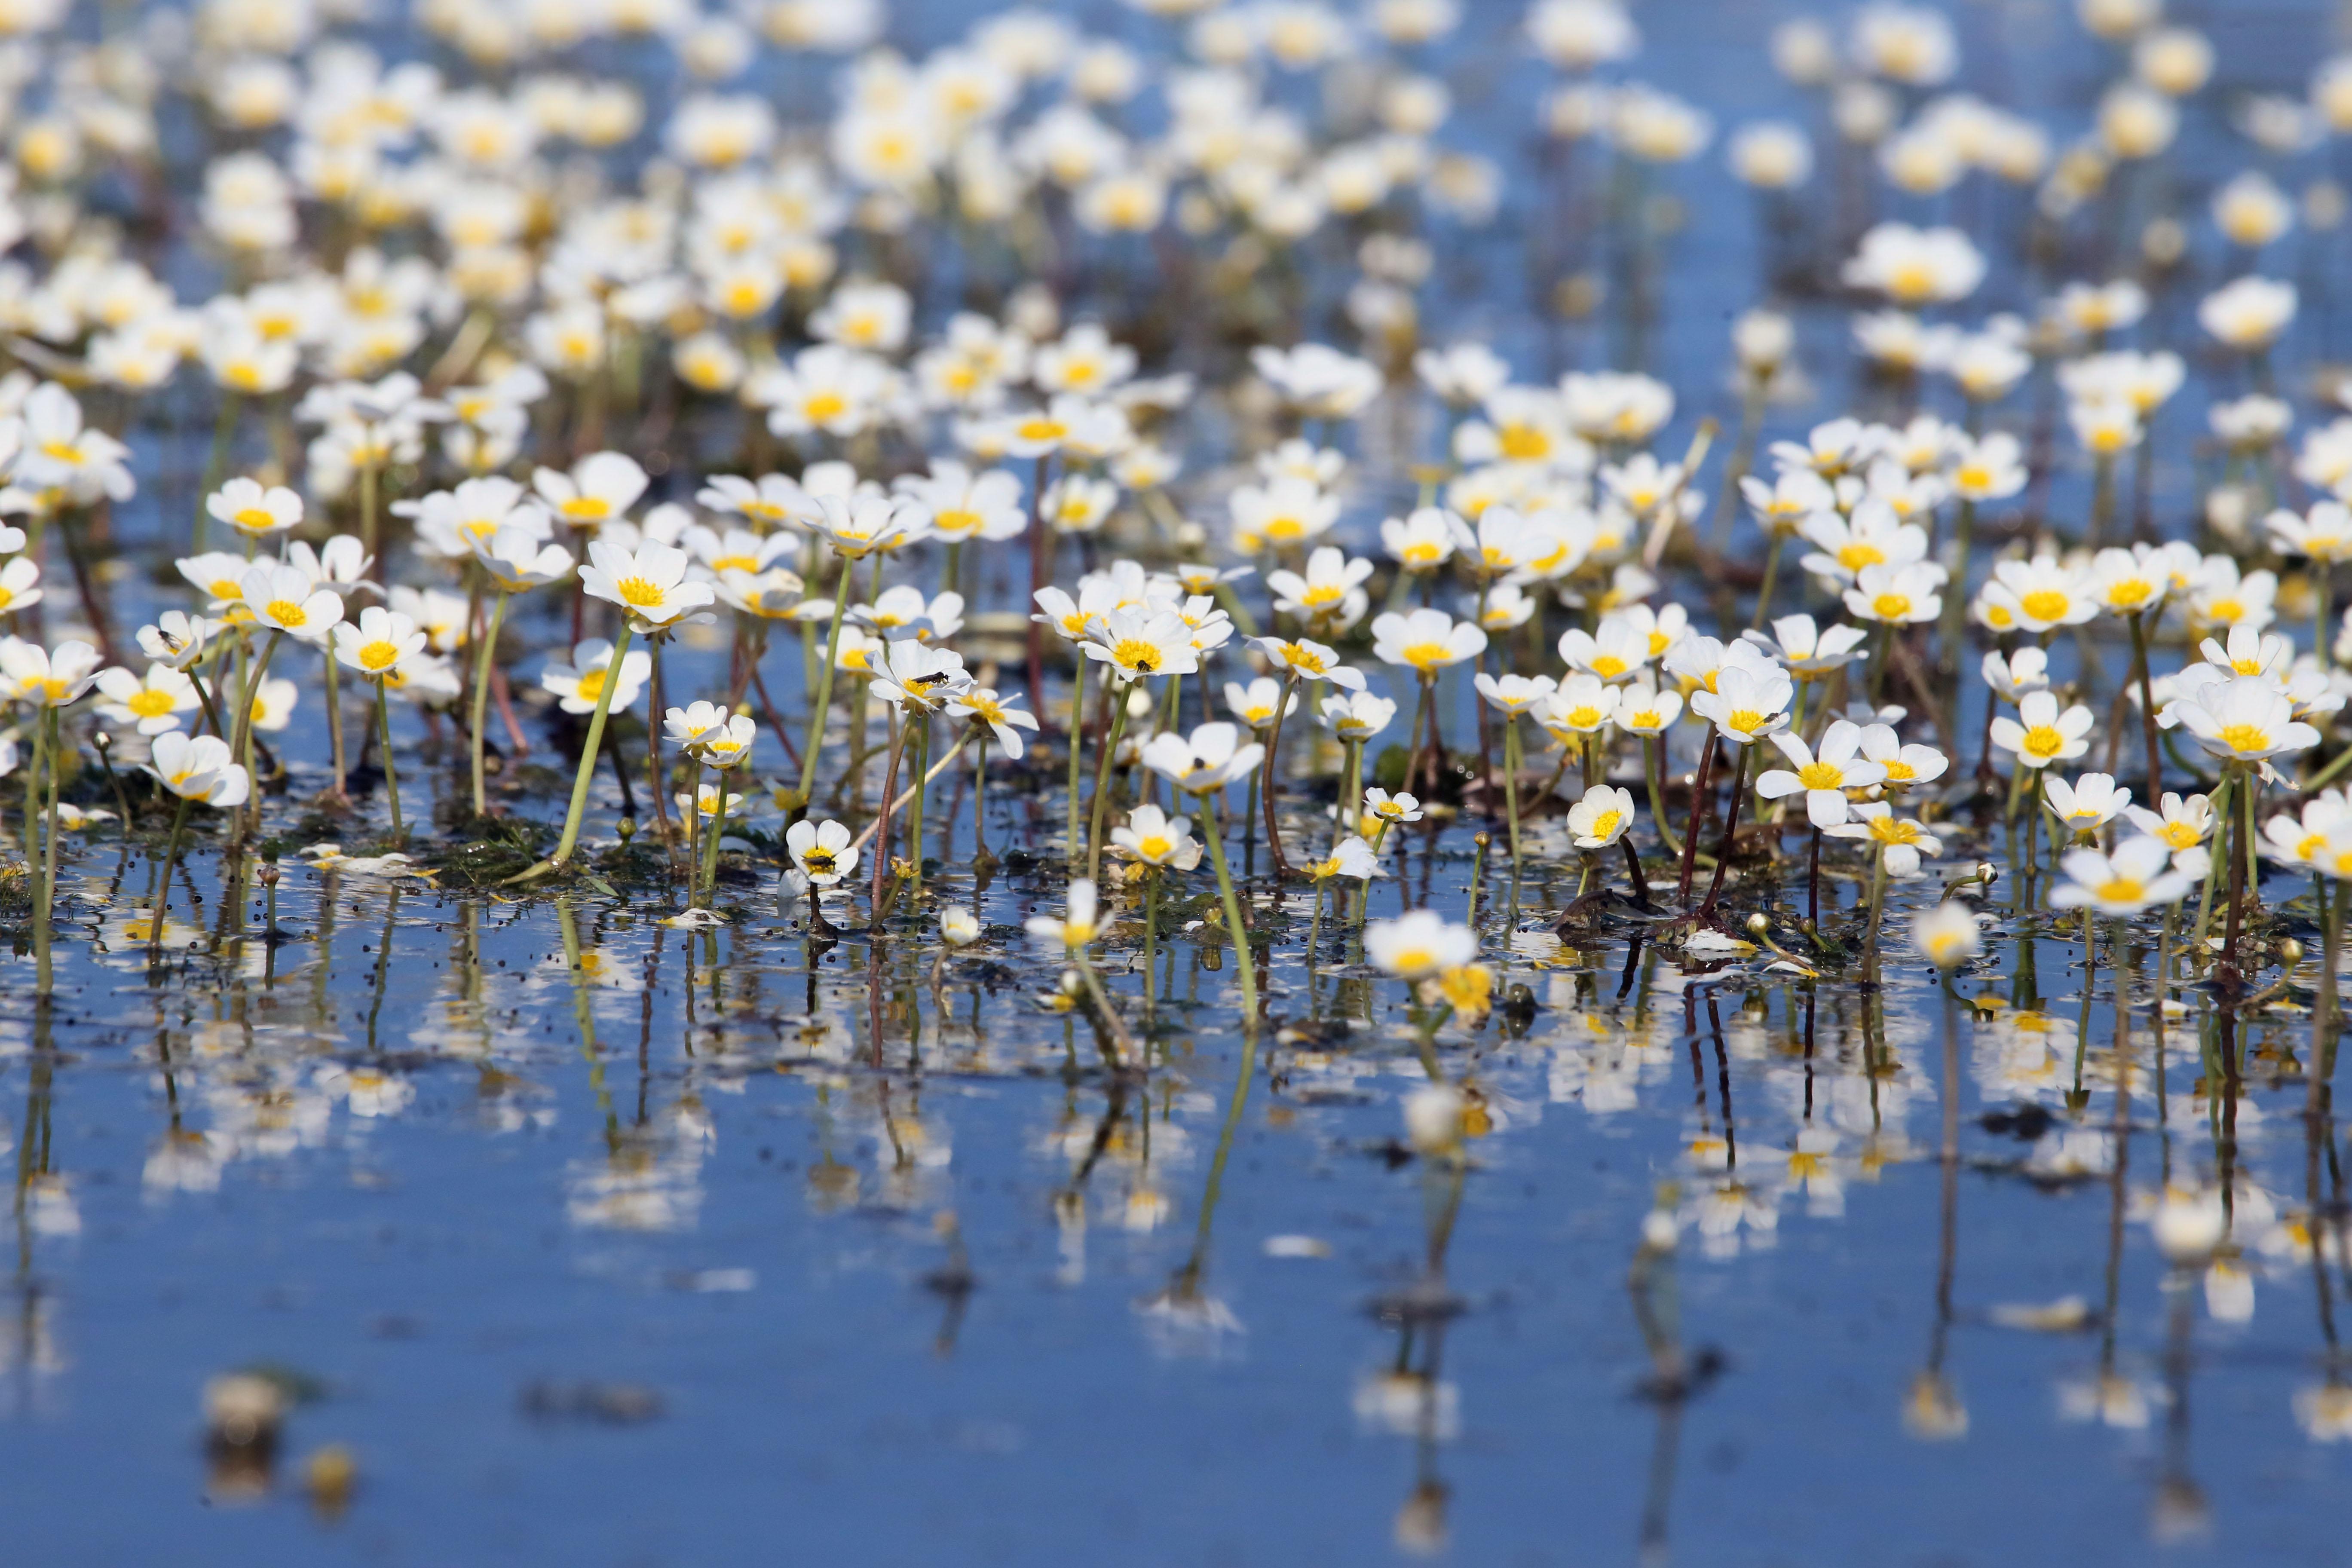 Suyun üzerinde büyüleyen manzaralar! Kızılırmak Deltası'nda suda açan çiçekler tanıtım için kullanılıyor